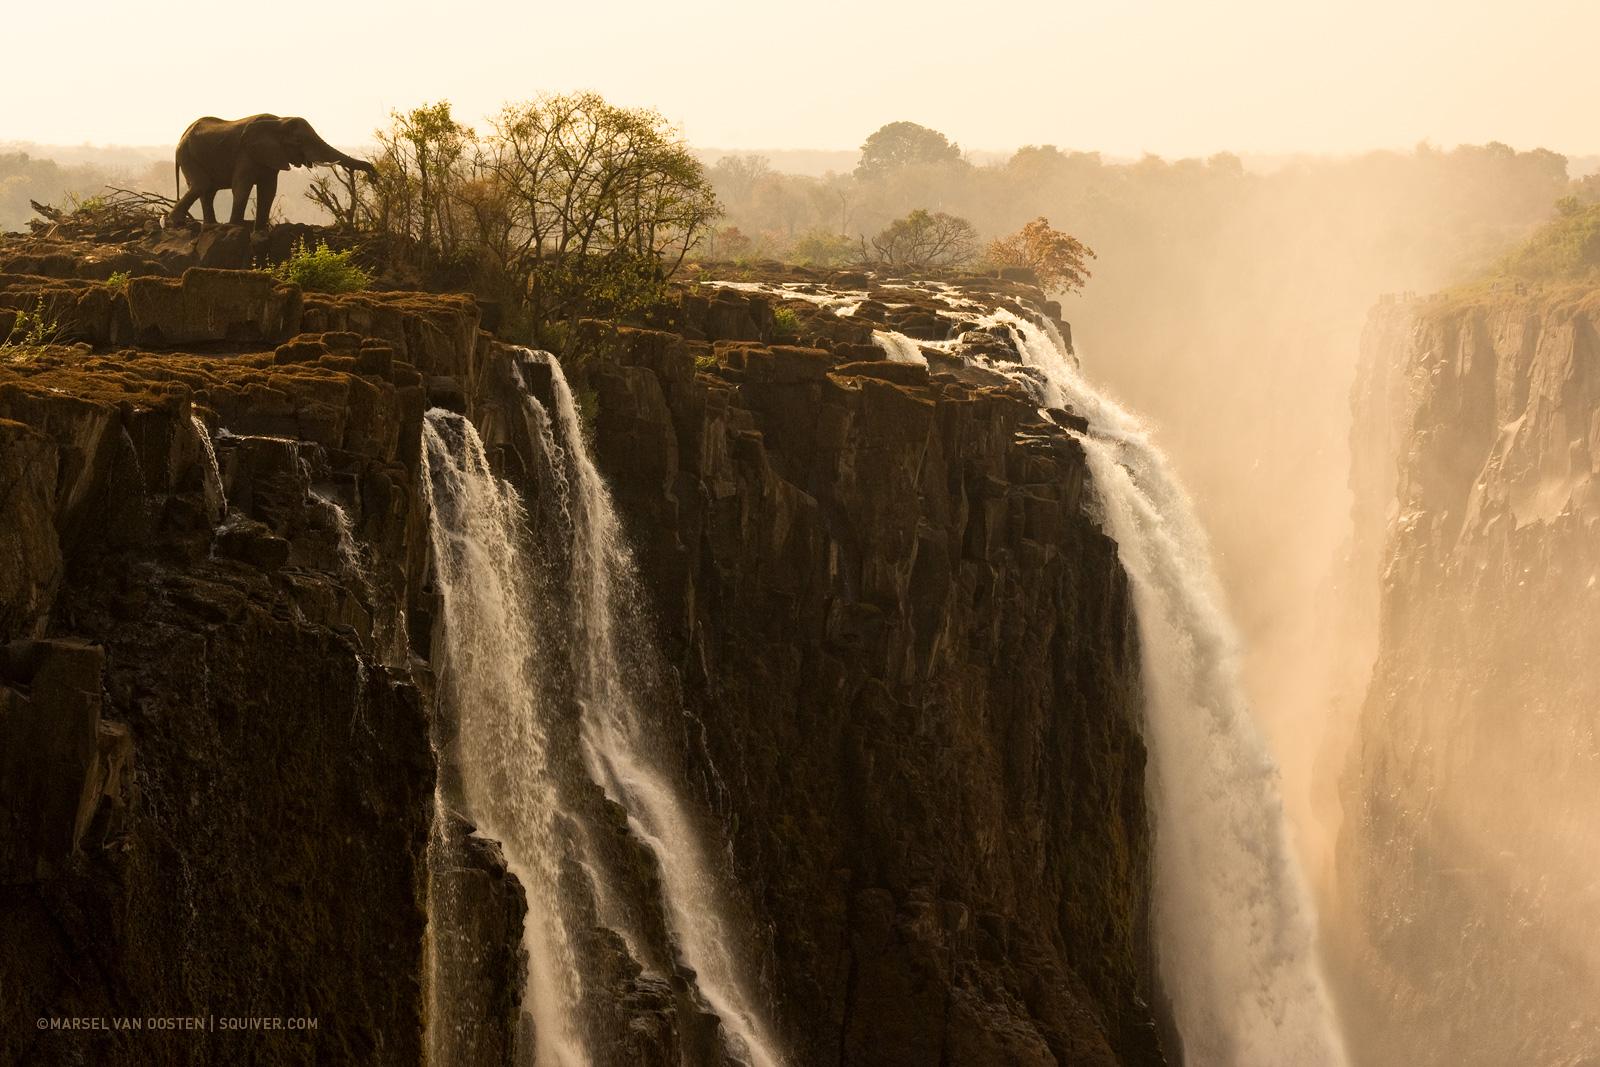 foto van Marsel van Oosten van olifant bij waterval